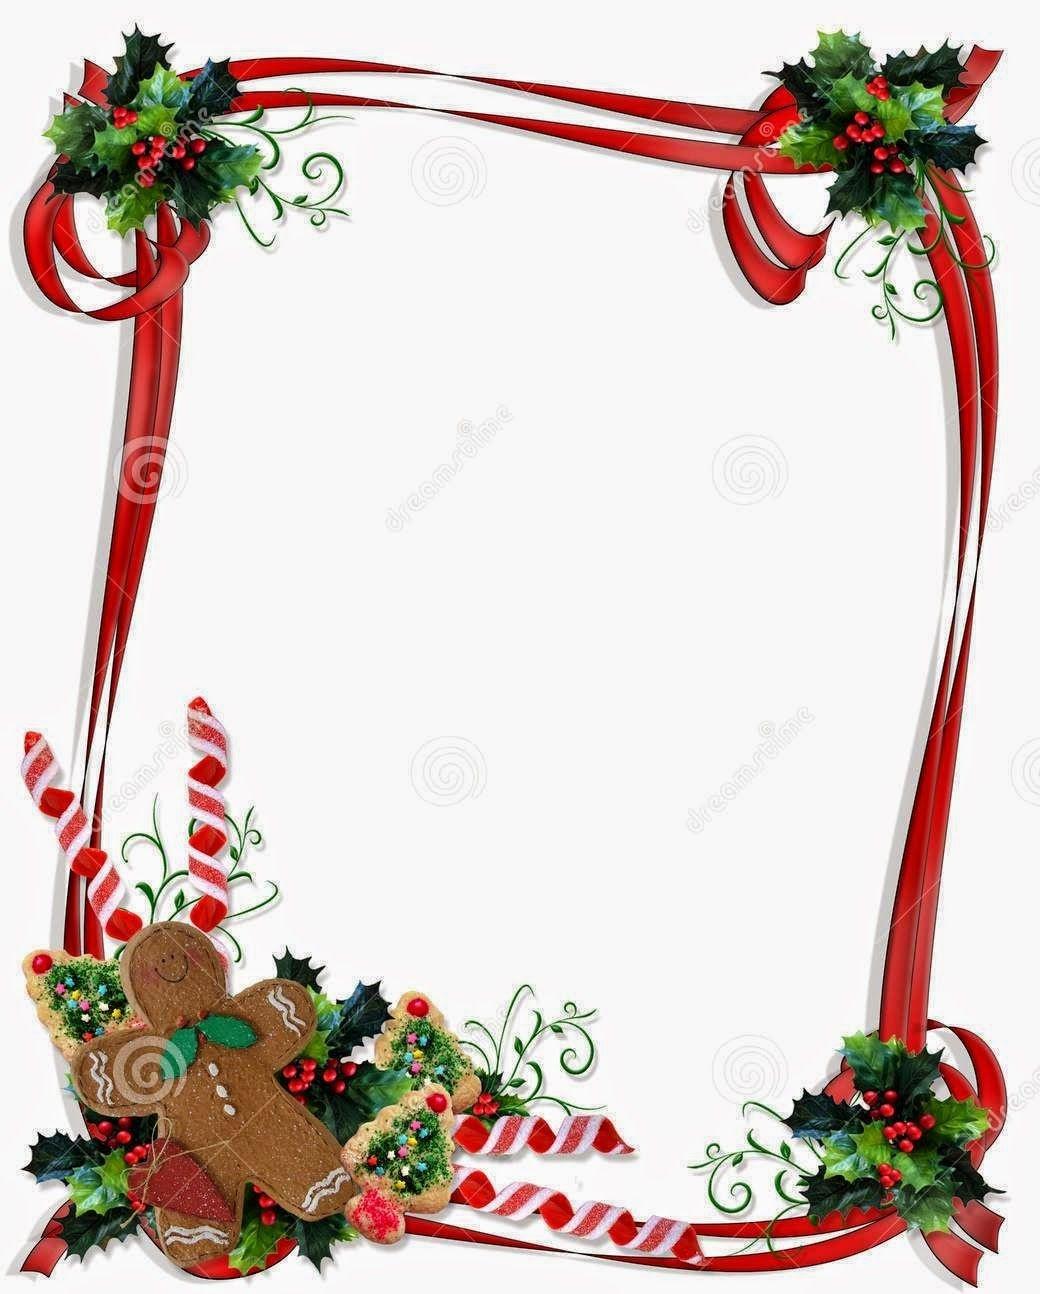 Free+Printable+Christmas+Borders+Clip+Art   Clipart   Free Christmas - Free Printable Christmas Borders